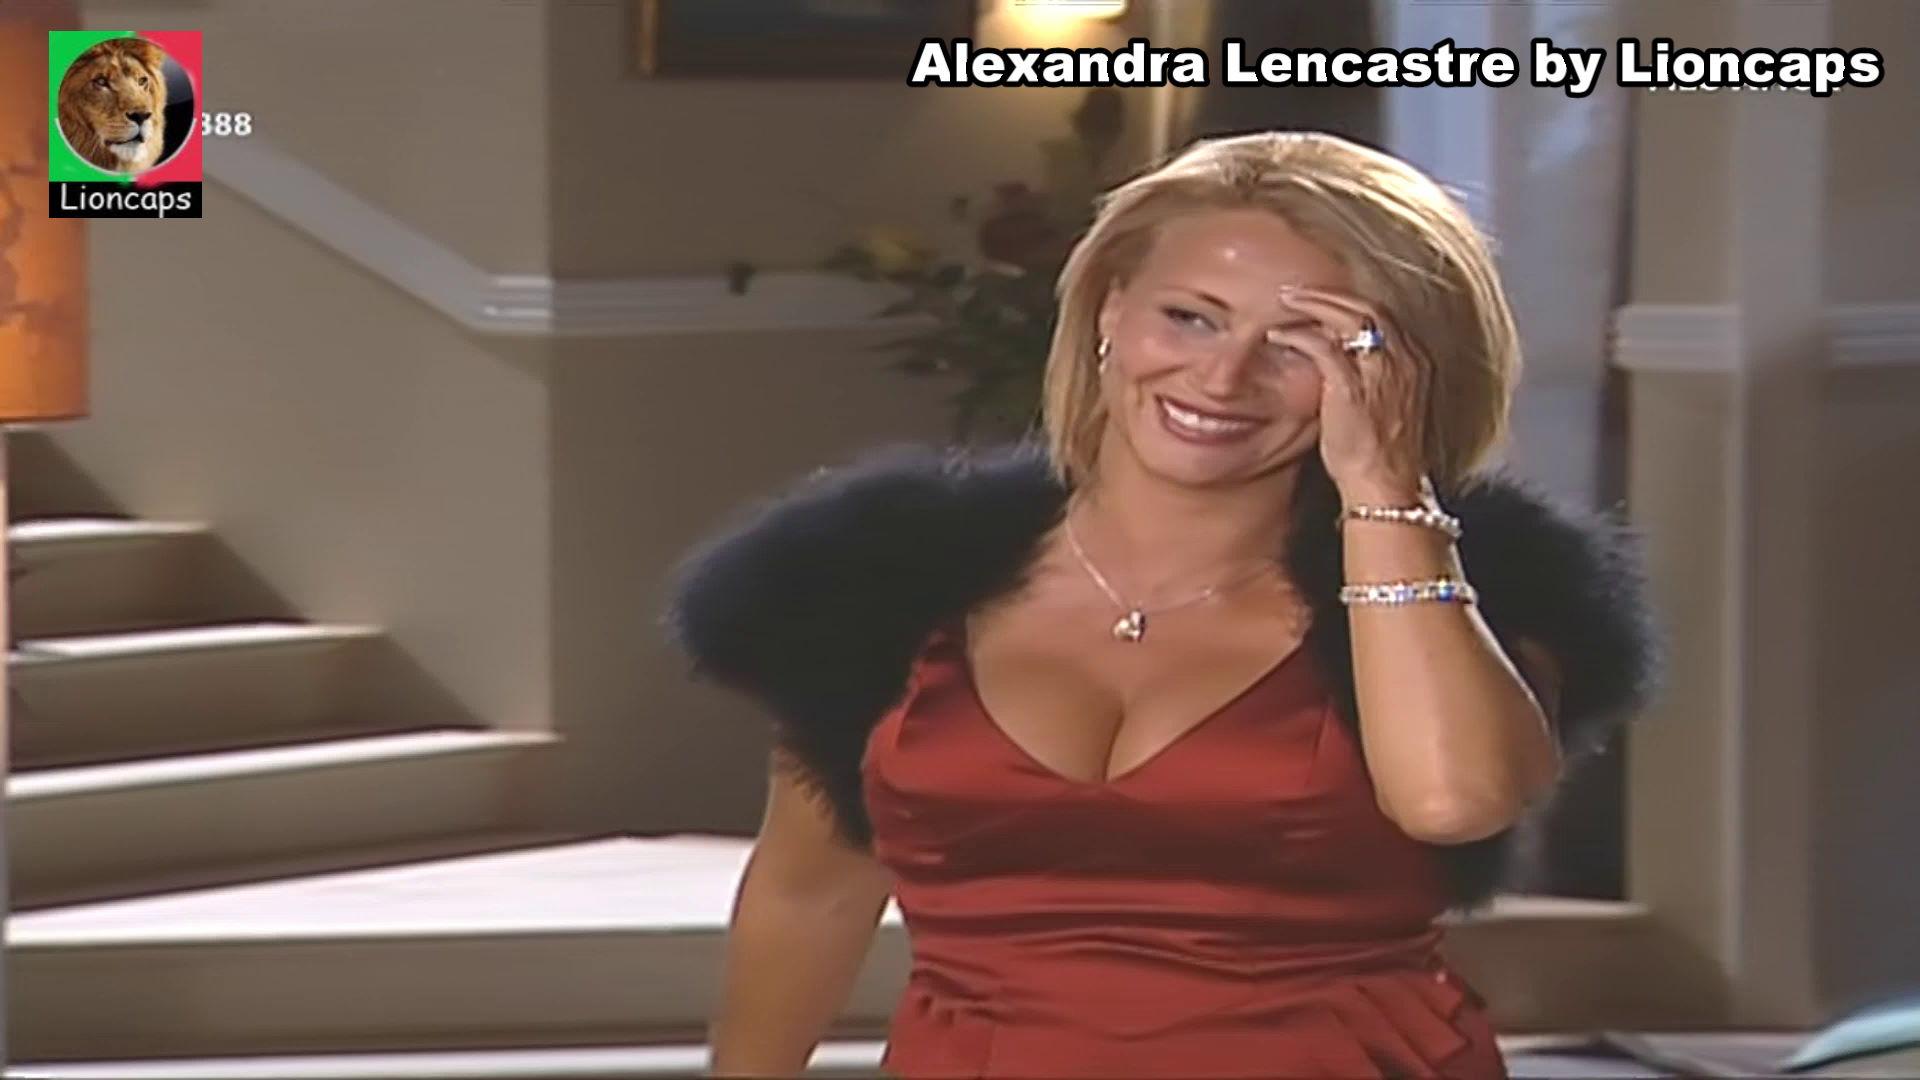 733789915_alexandra_lencastre_meu_amor_vs191110_00112_122_186lo.JPG